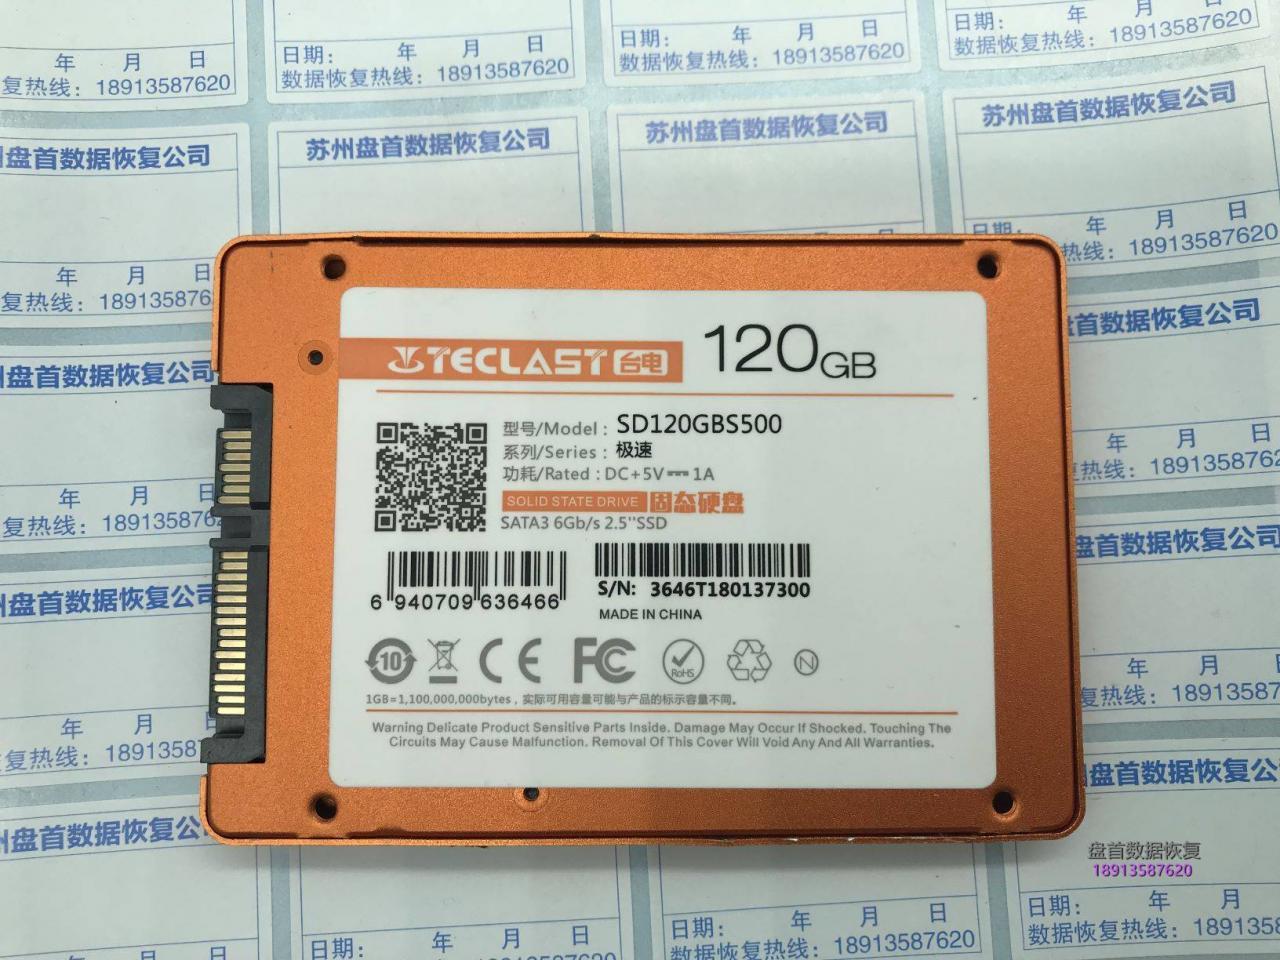 台电SD120GBS500识别不到盘SM2258XT主控掉盘无法识别不读盘数据恢复成